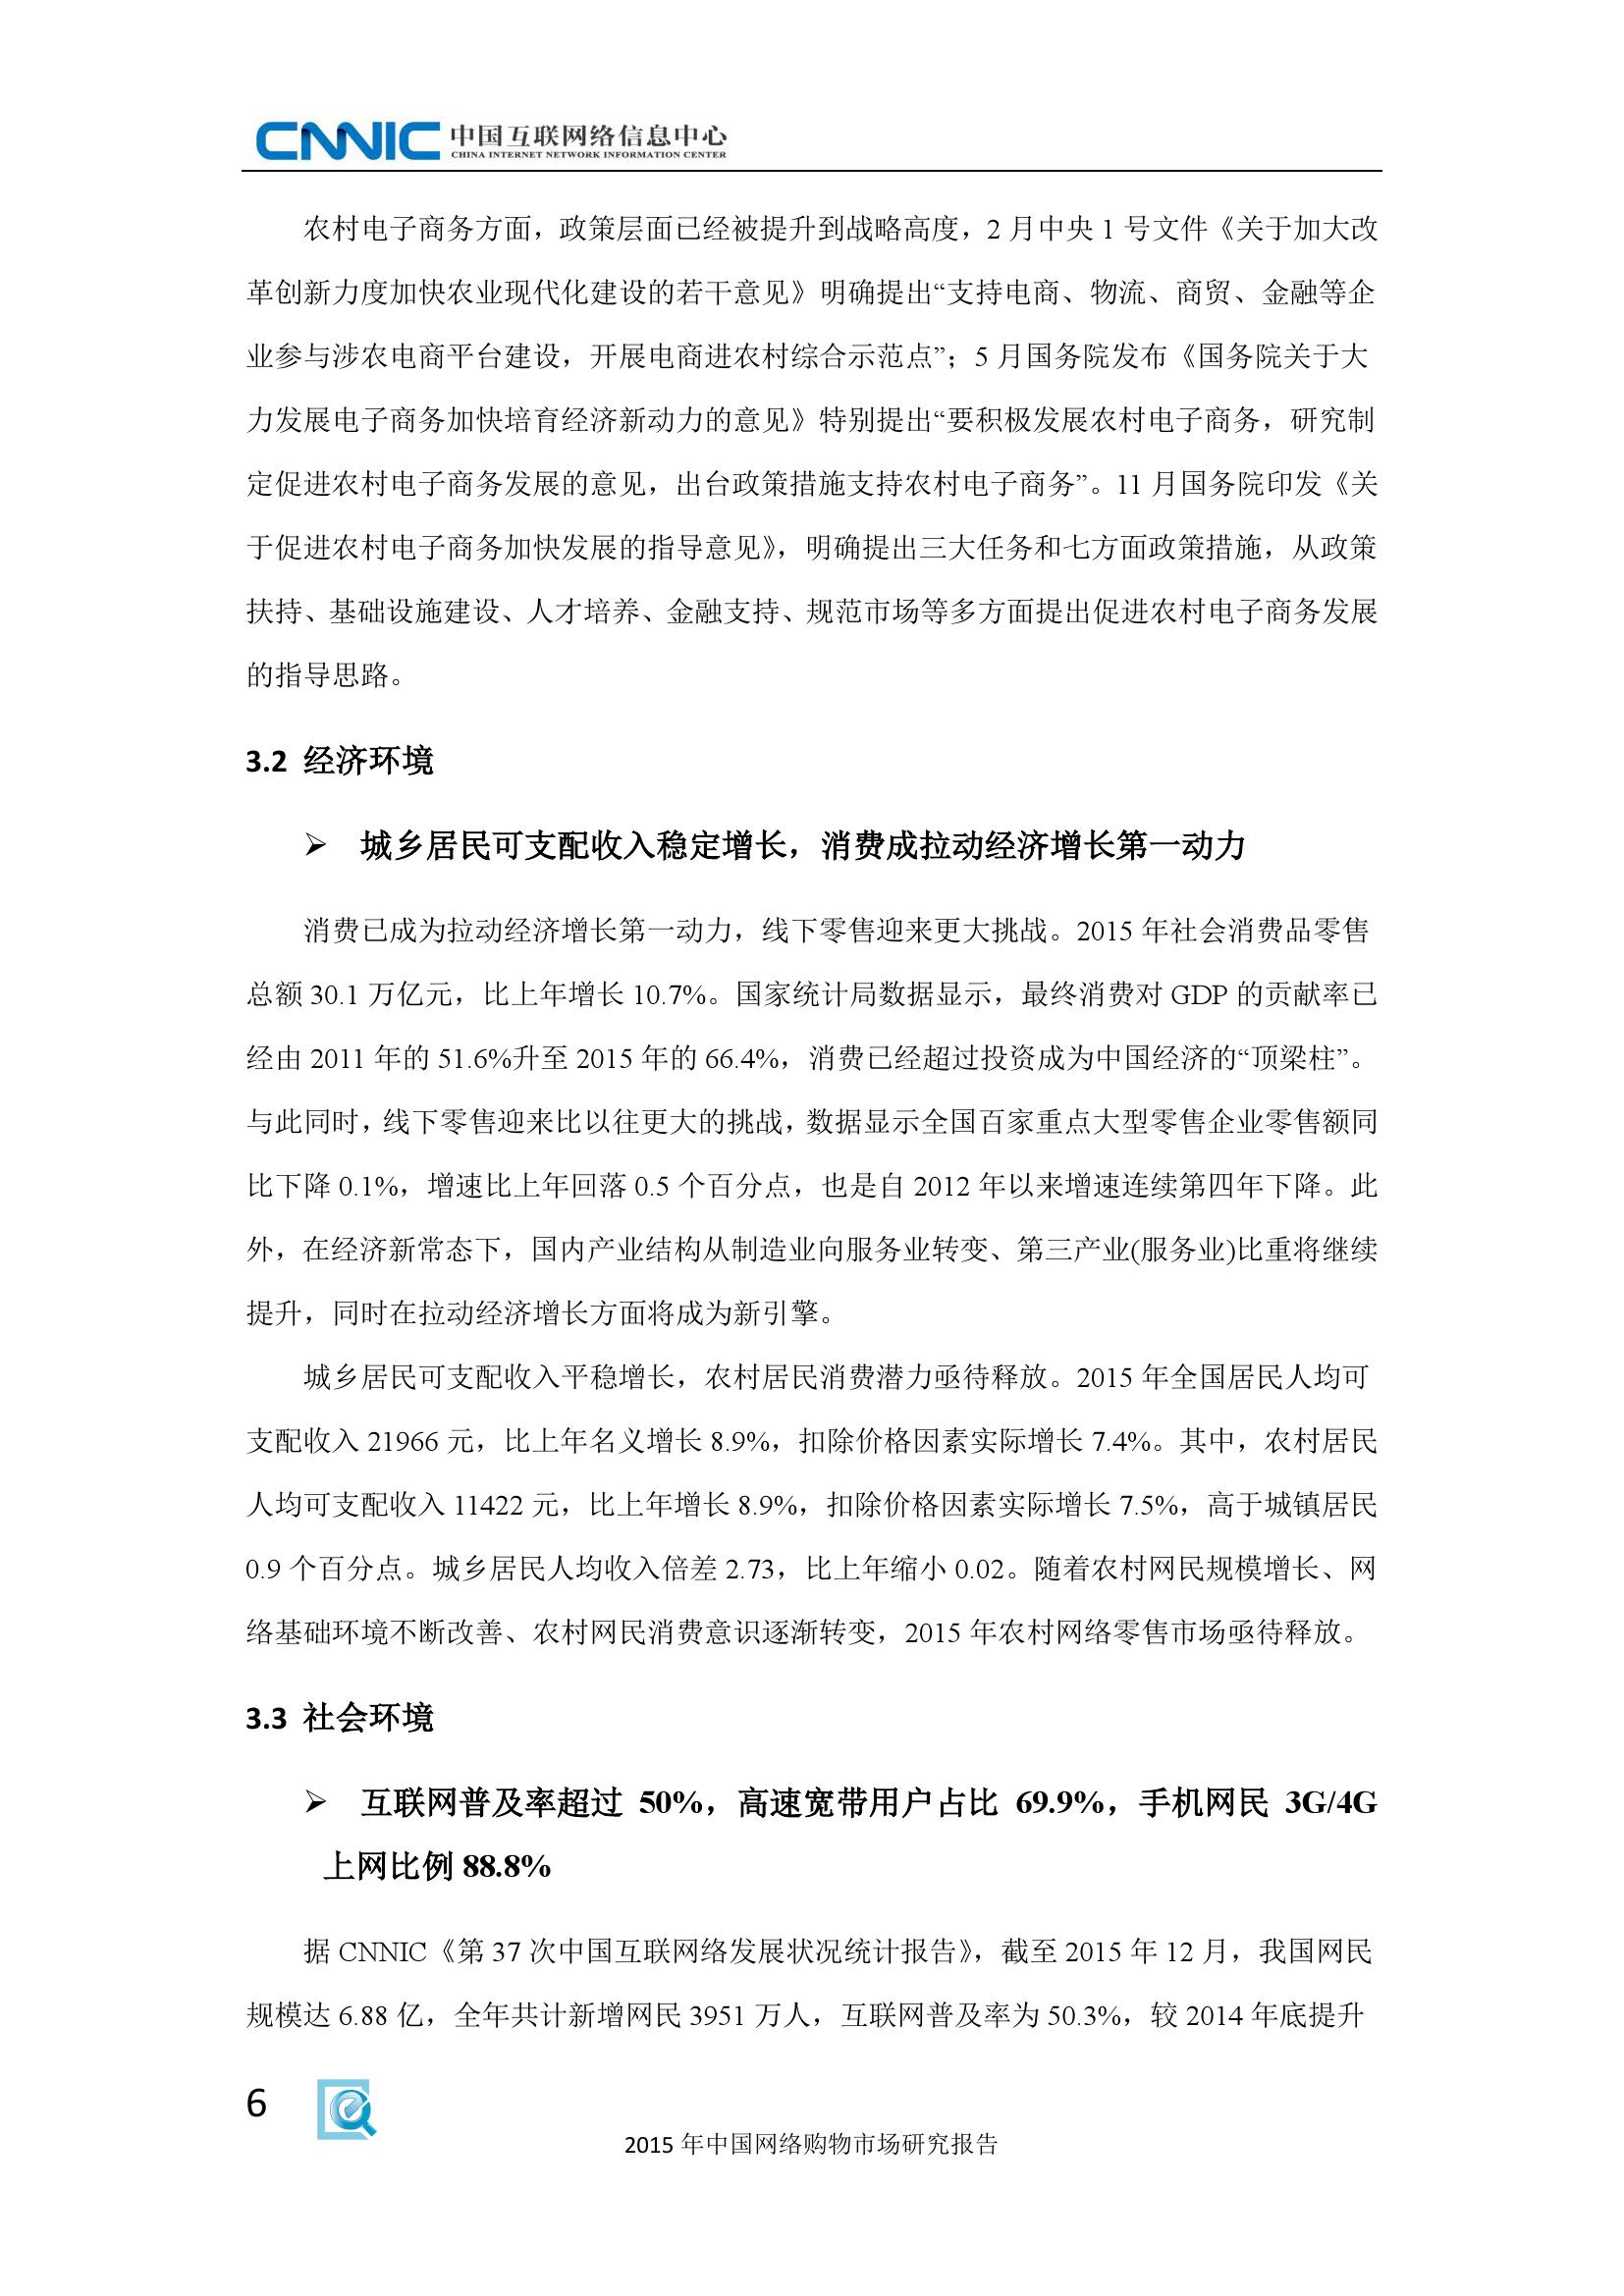 2015年中国网络购物市场研究报告_000014